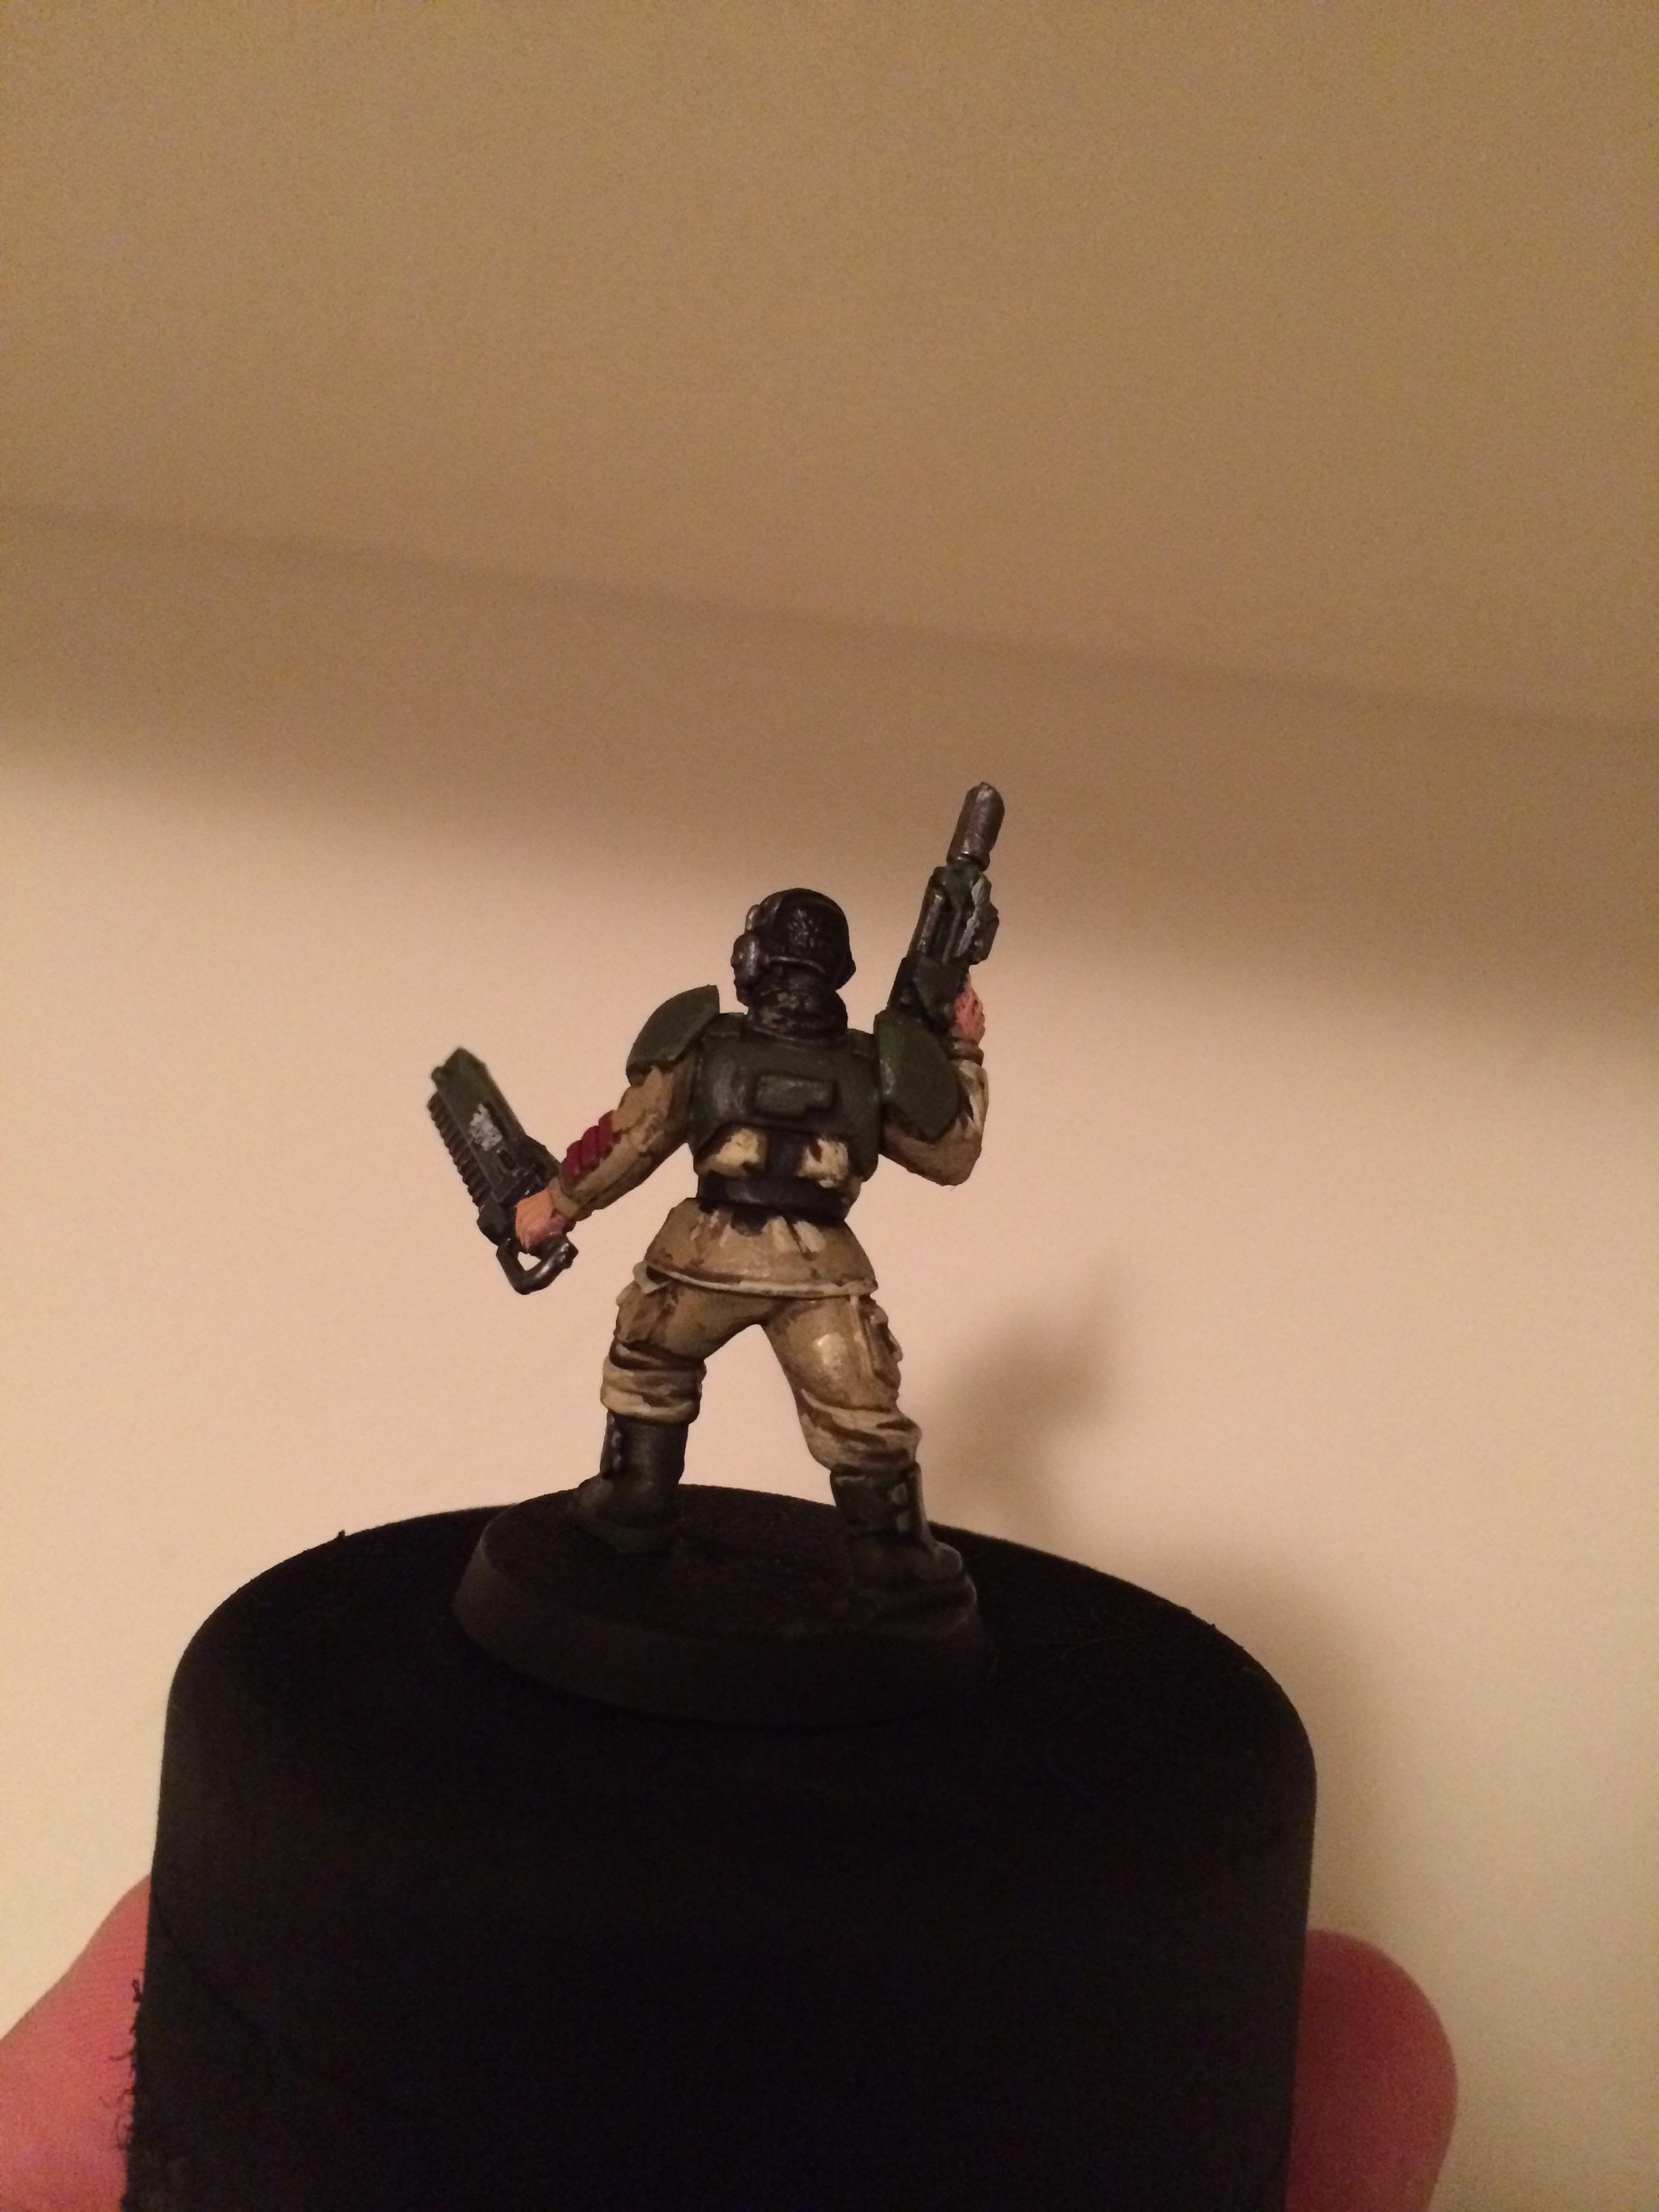 Imperial Guard, Tabletop Standard, Work In Progress